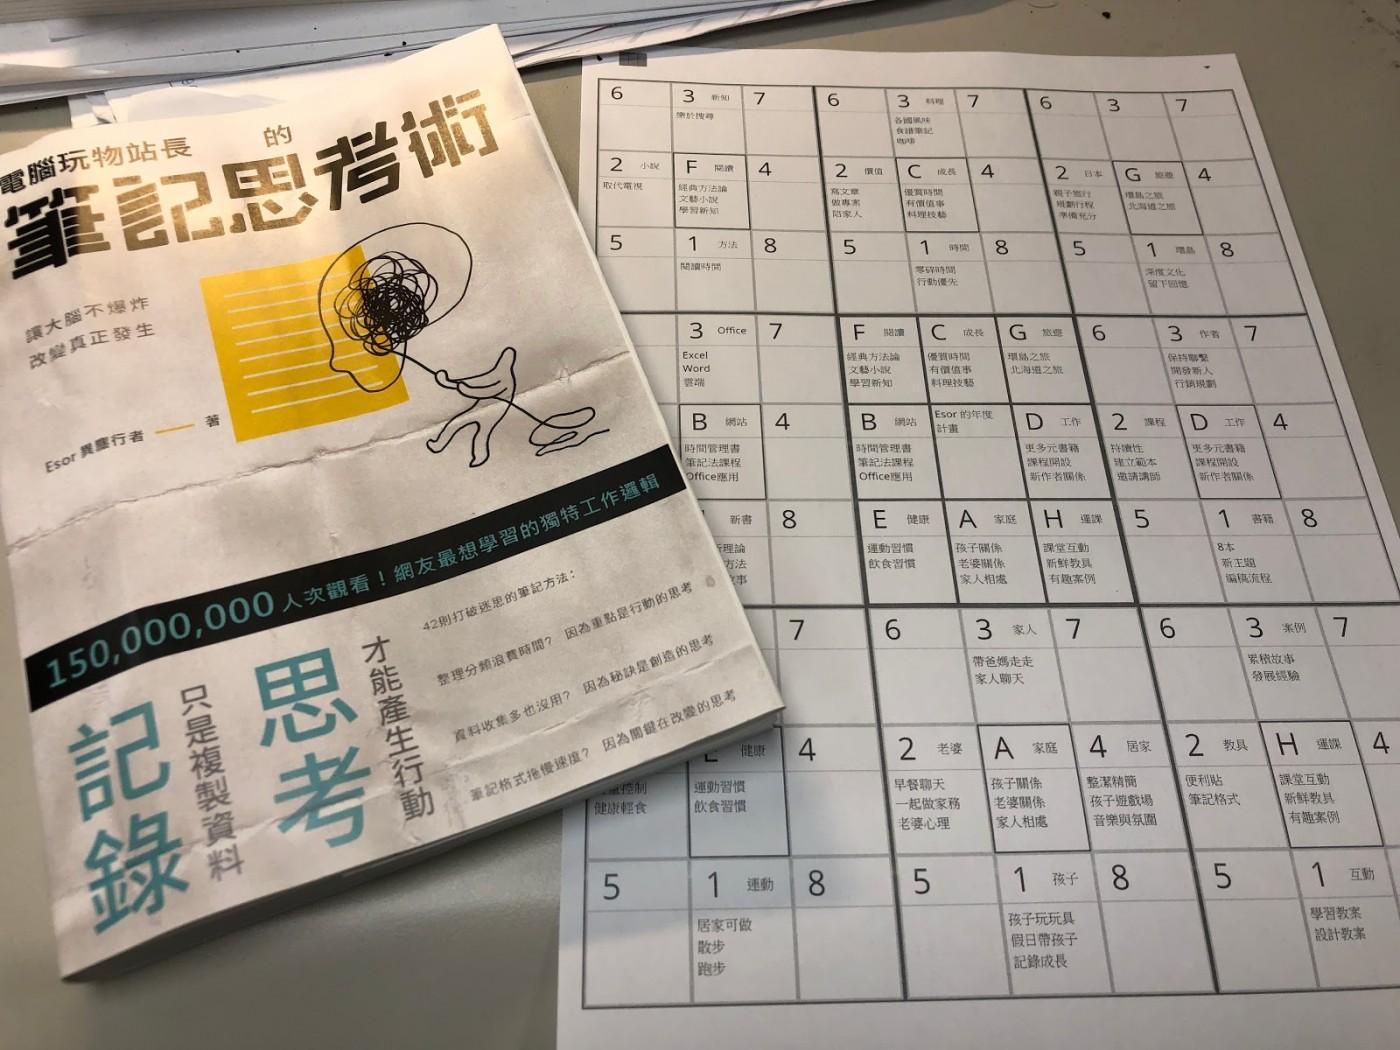 Mandalachart 幫你列印一張紙本曼陀羅九宮格年度計劃表格 | 經理人